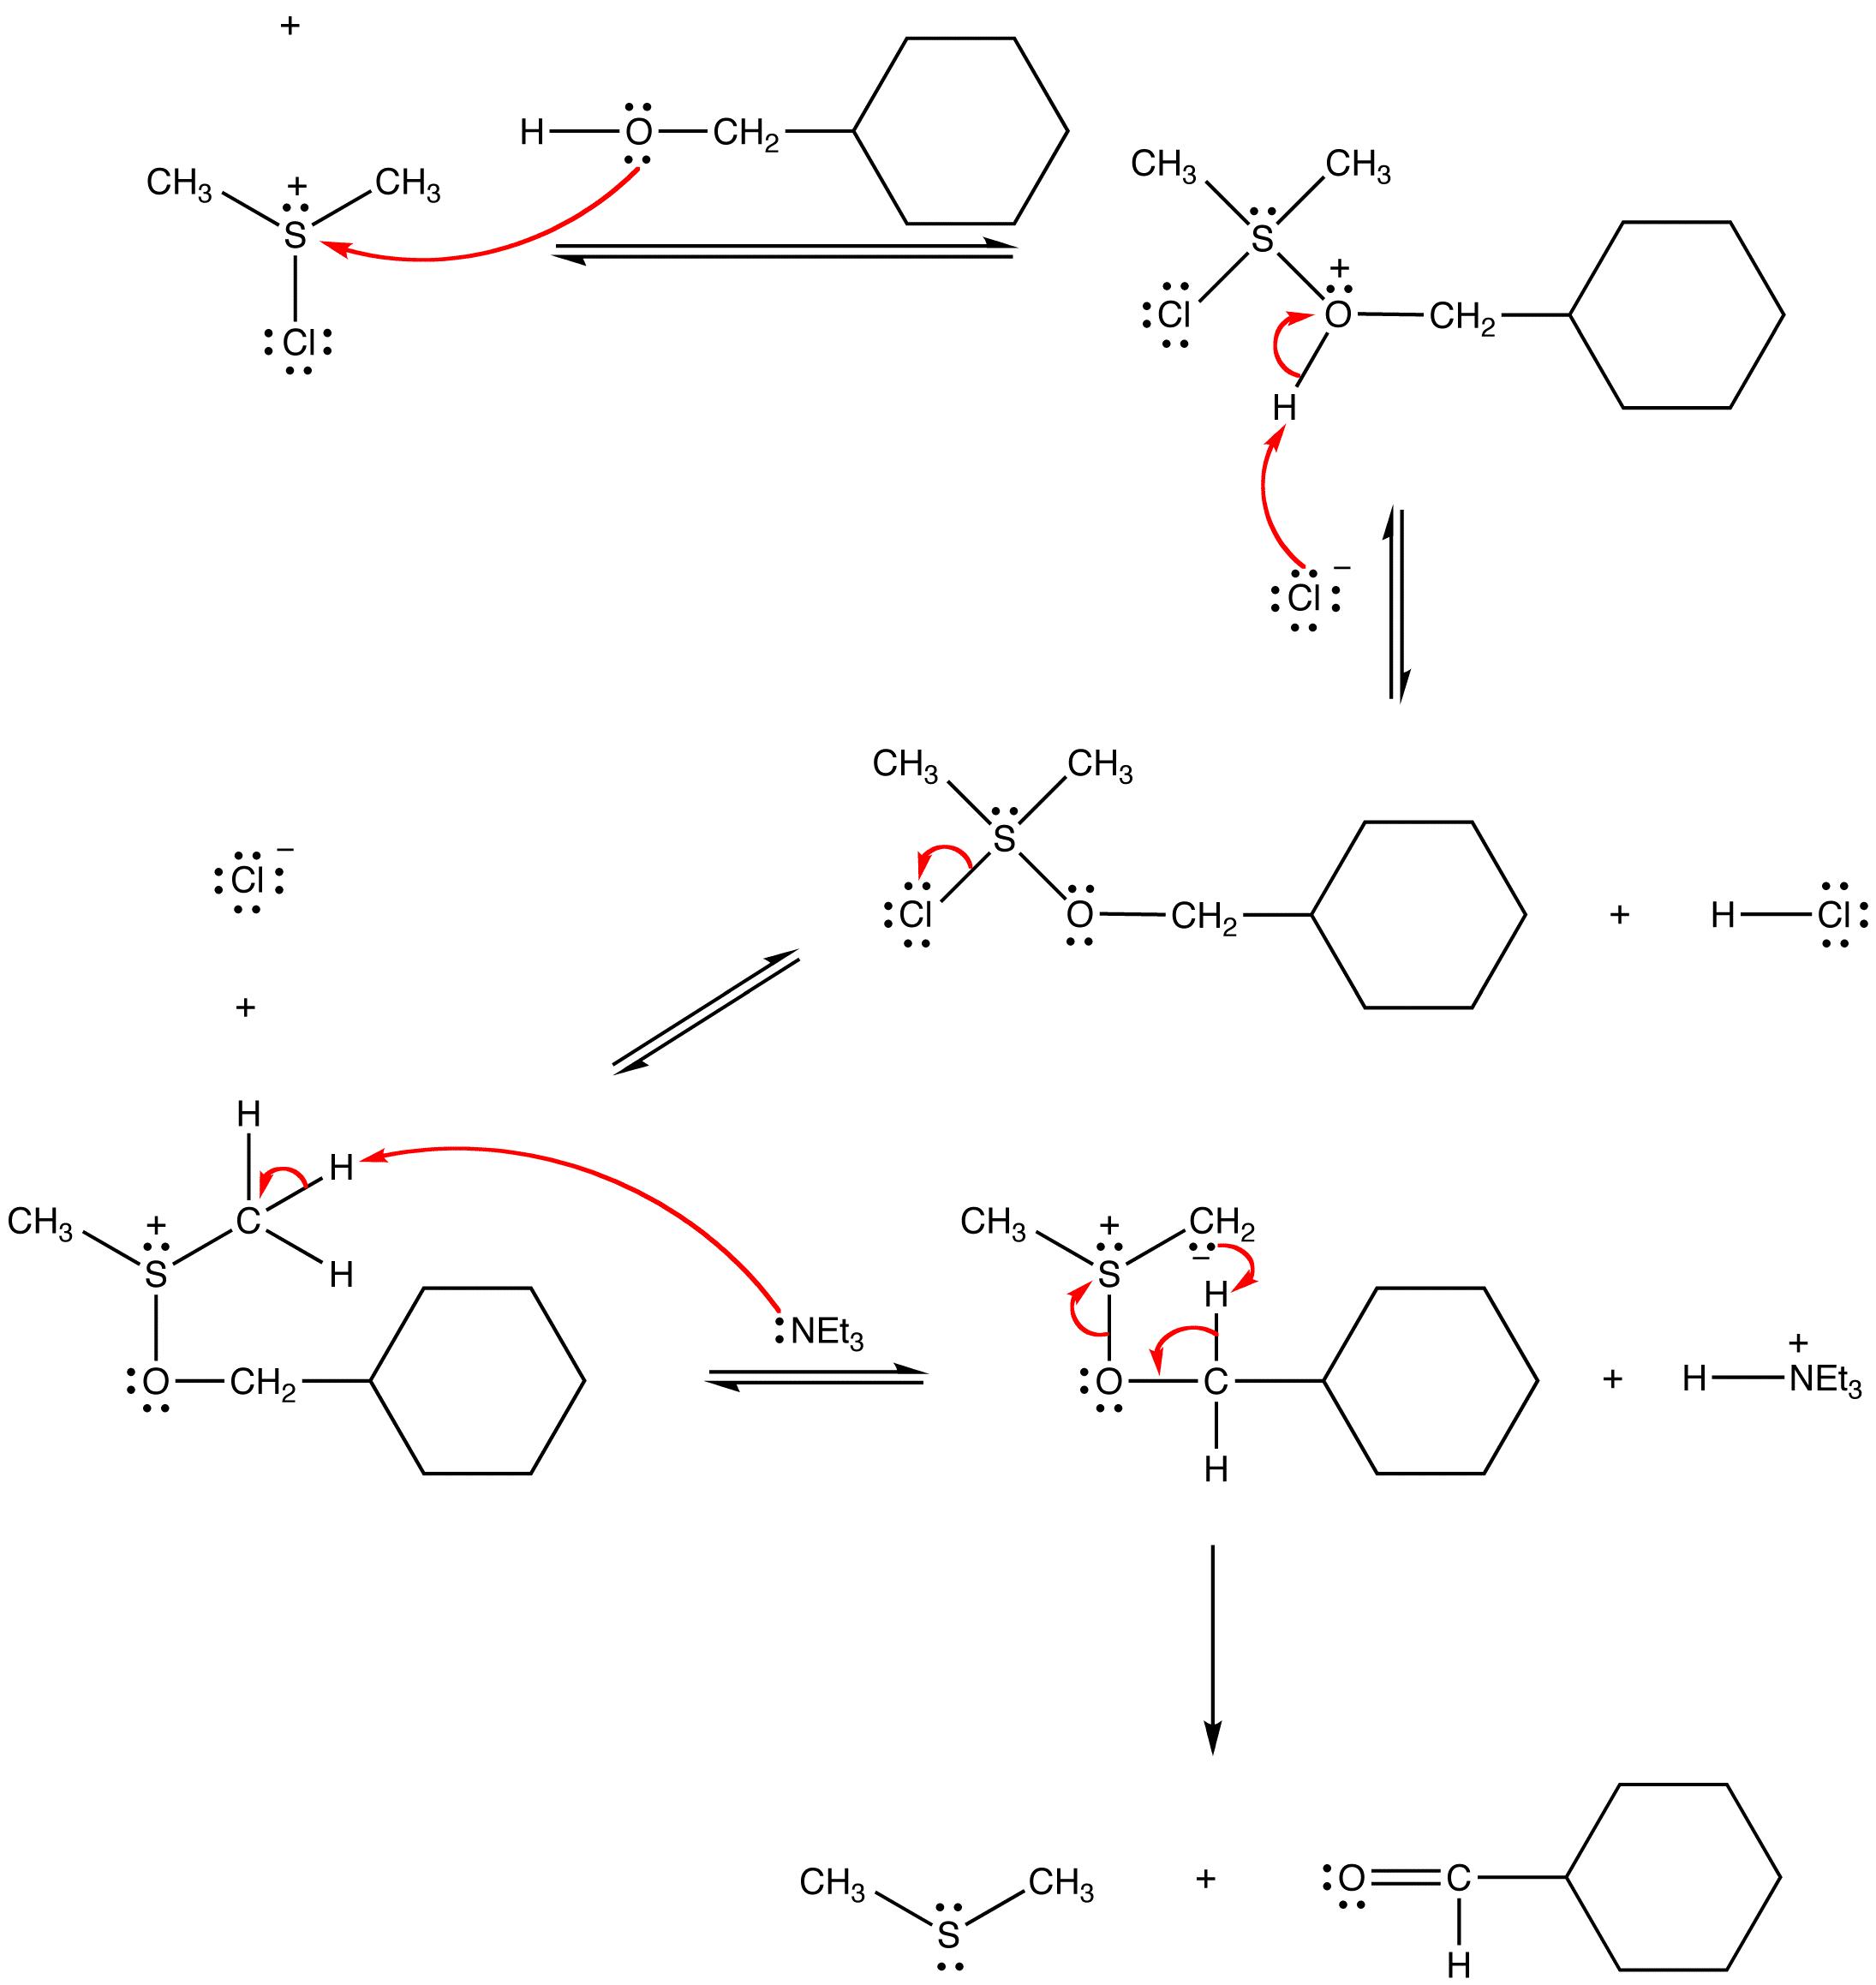 Swern Oxidation Ochempal